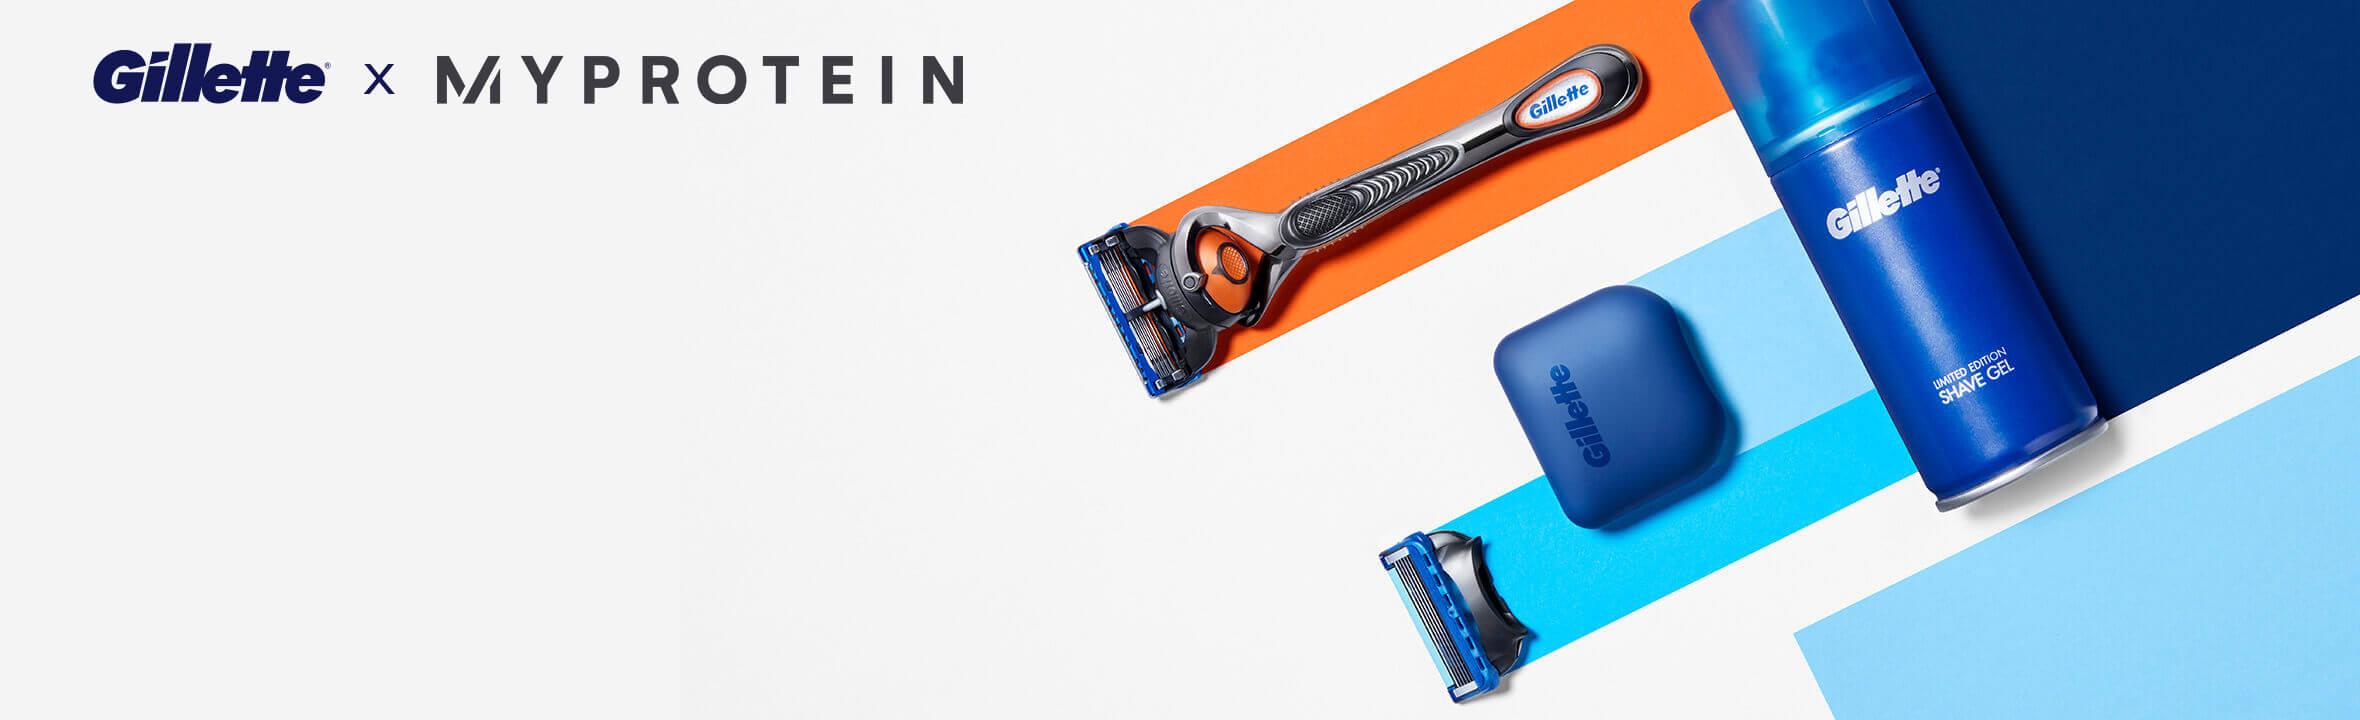 Gillette Shave Subscription, start trial.